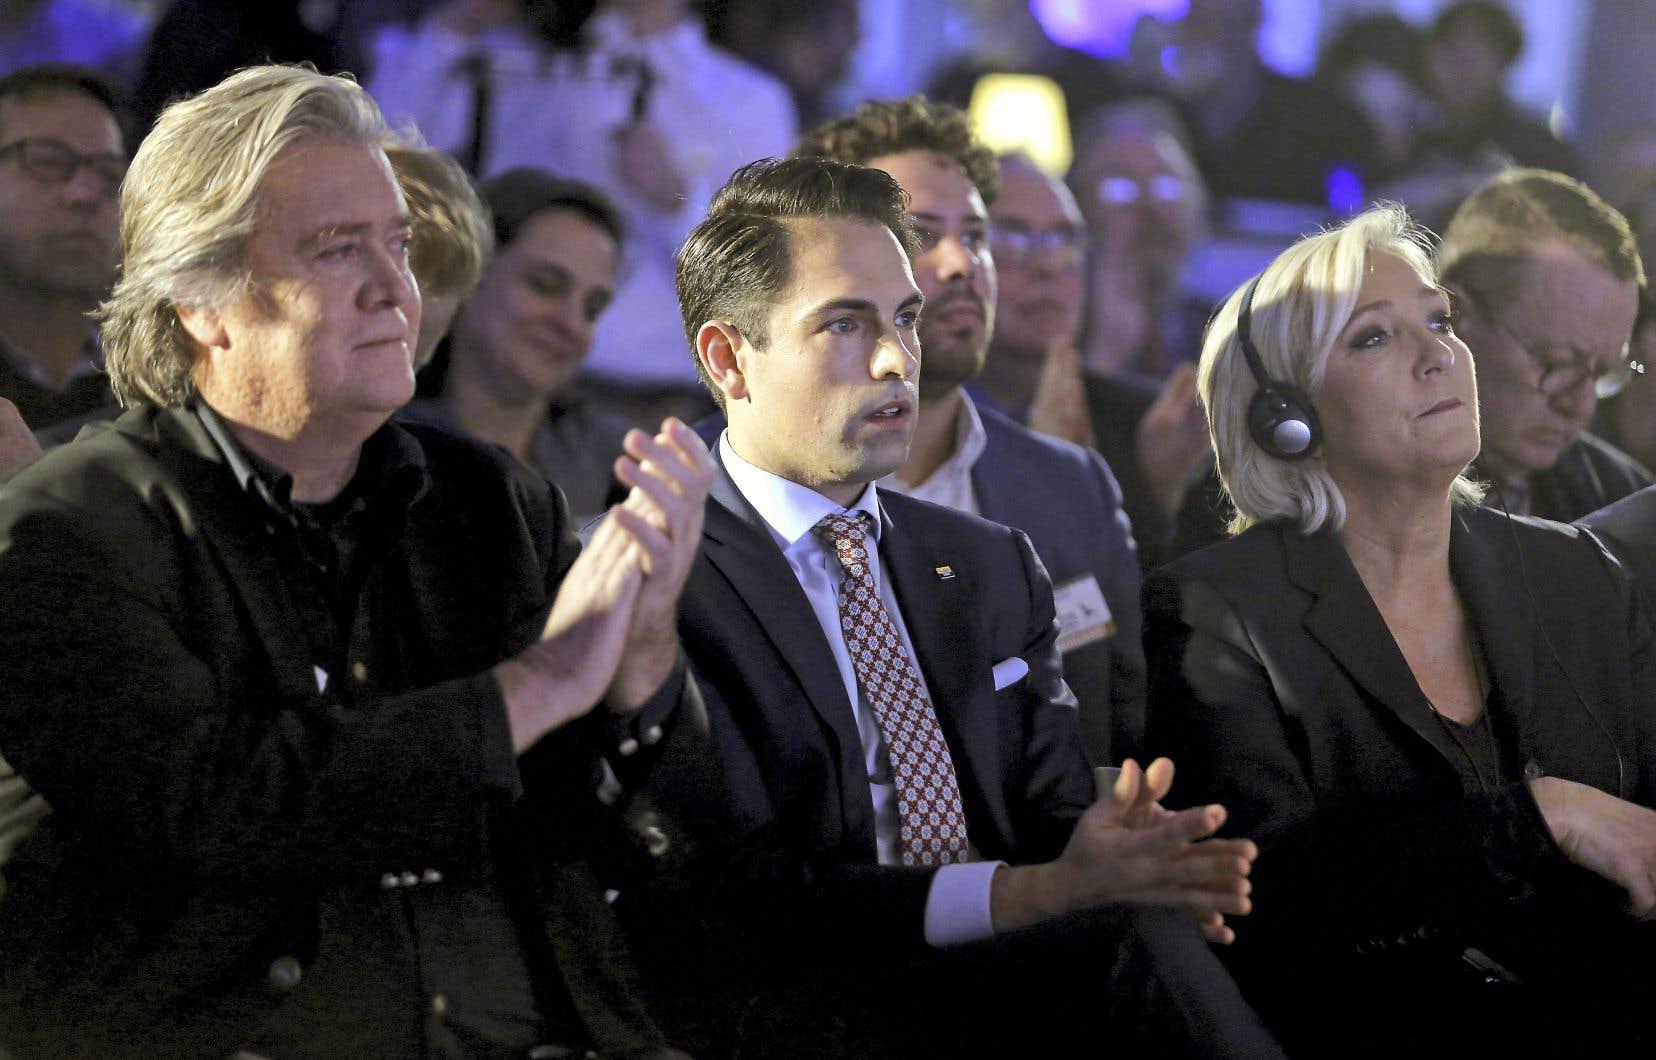 L'ancien conseiller de Donald Trump Steve Bannon (à gauche) et la chef du Rassemblement national, Marine Le Pen (à droite), ont participé samedi à un rassemblement du parti d'extrême droite belge Vlaams Belang, aux côtés de son président, Tom Van Grieken.